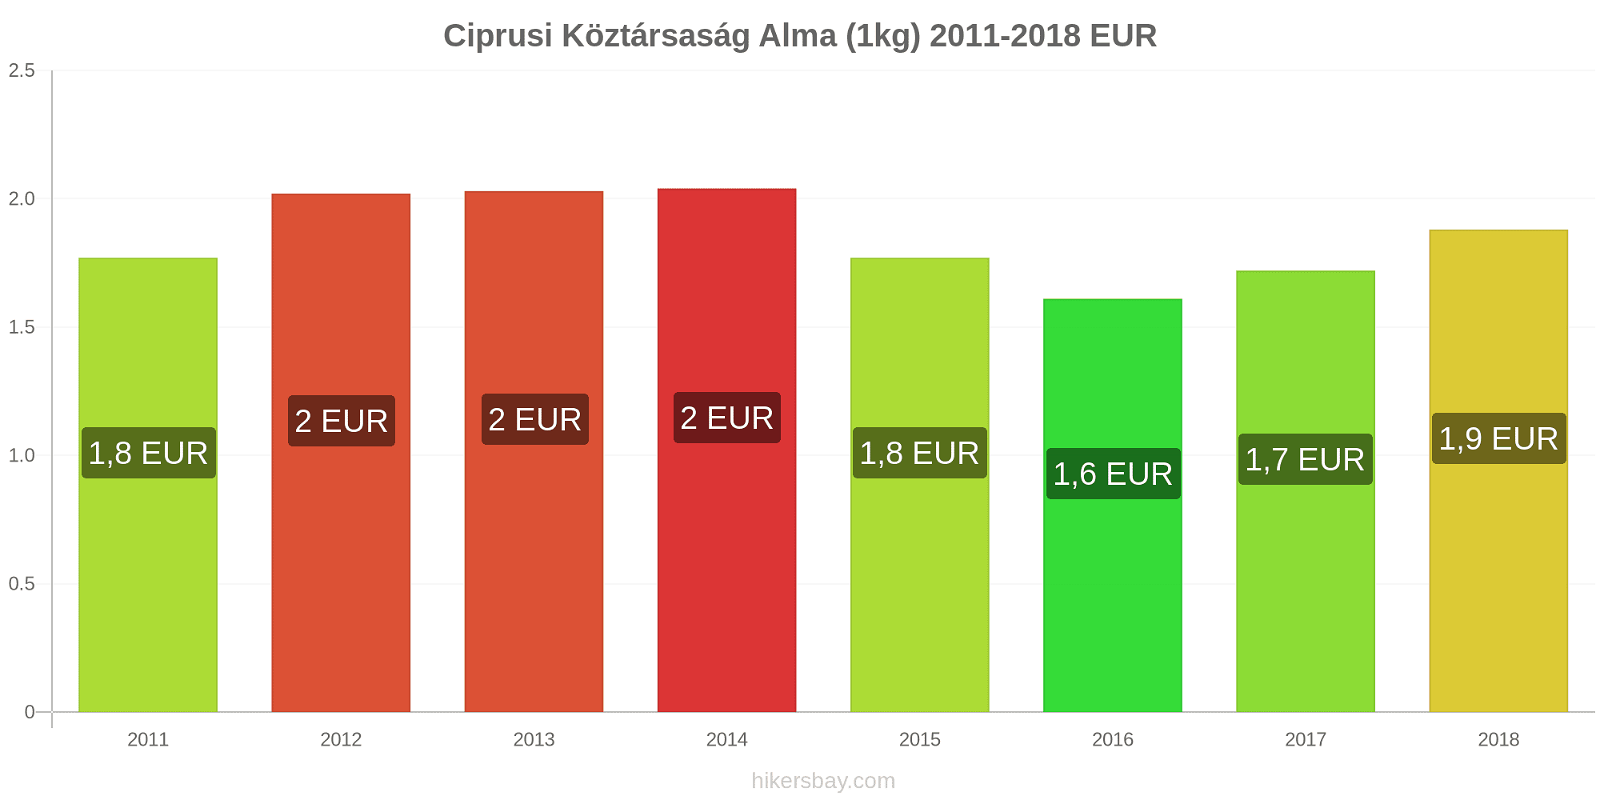 Ciprusi Köztársaság árváltozások Alma (1kg) hikersbay.com